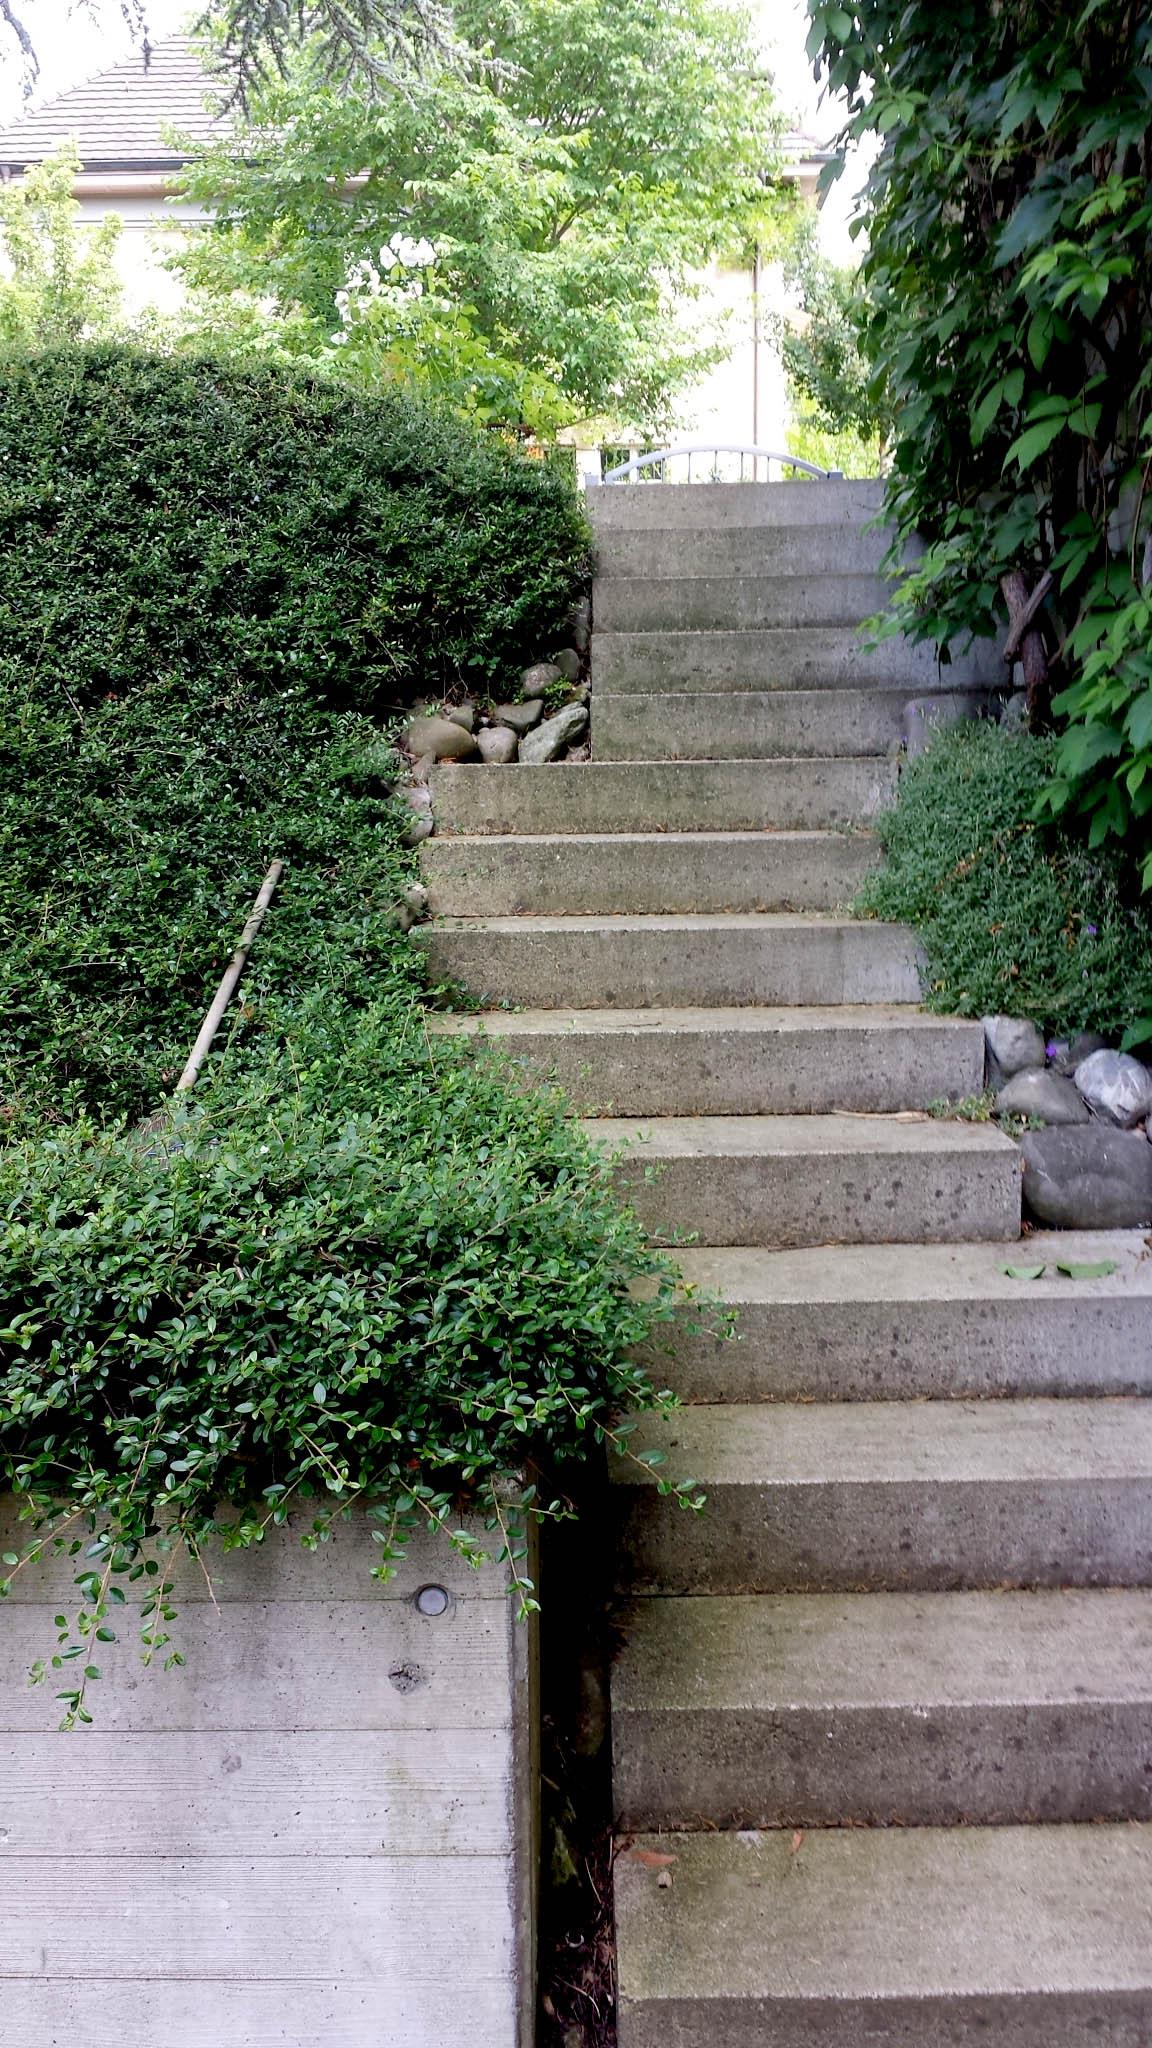 Auch wieder eine interessante Treppe, mit hohem Risiko ohne Handlauf oder Geländer